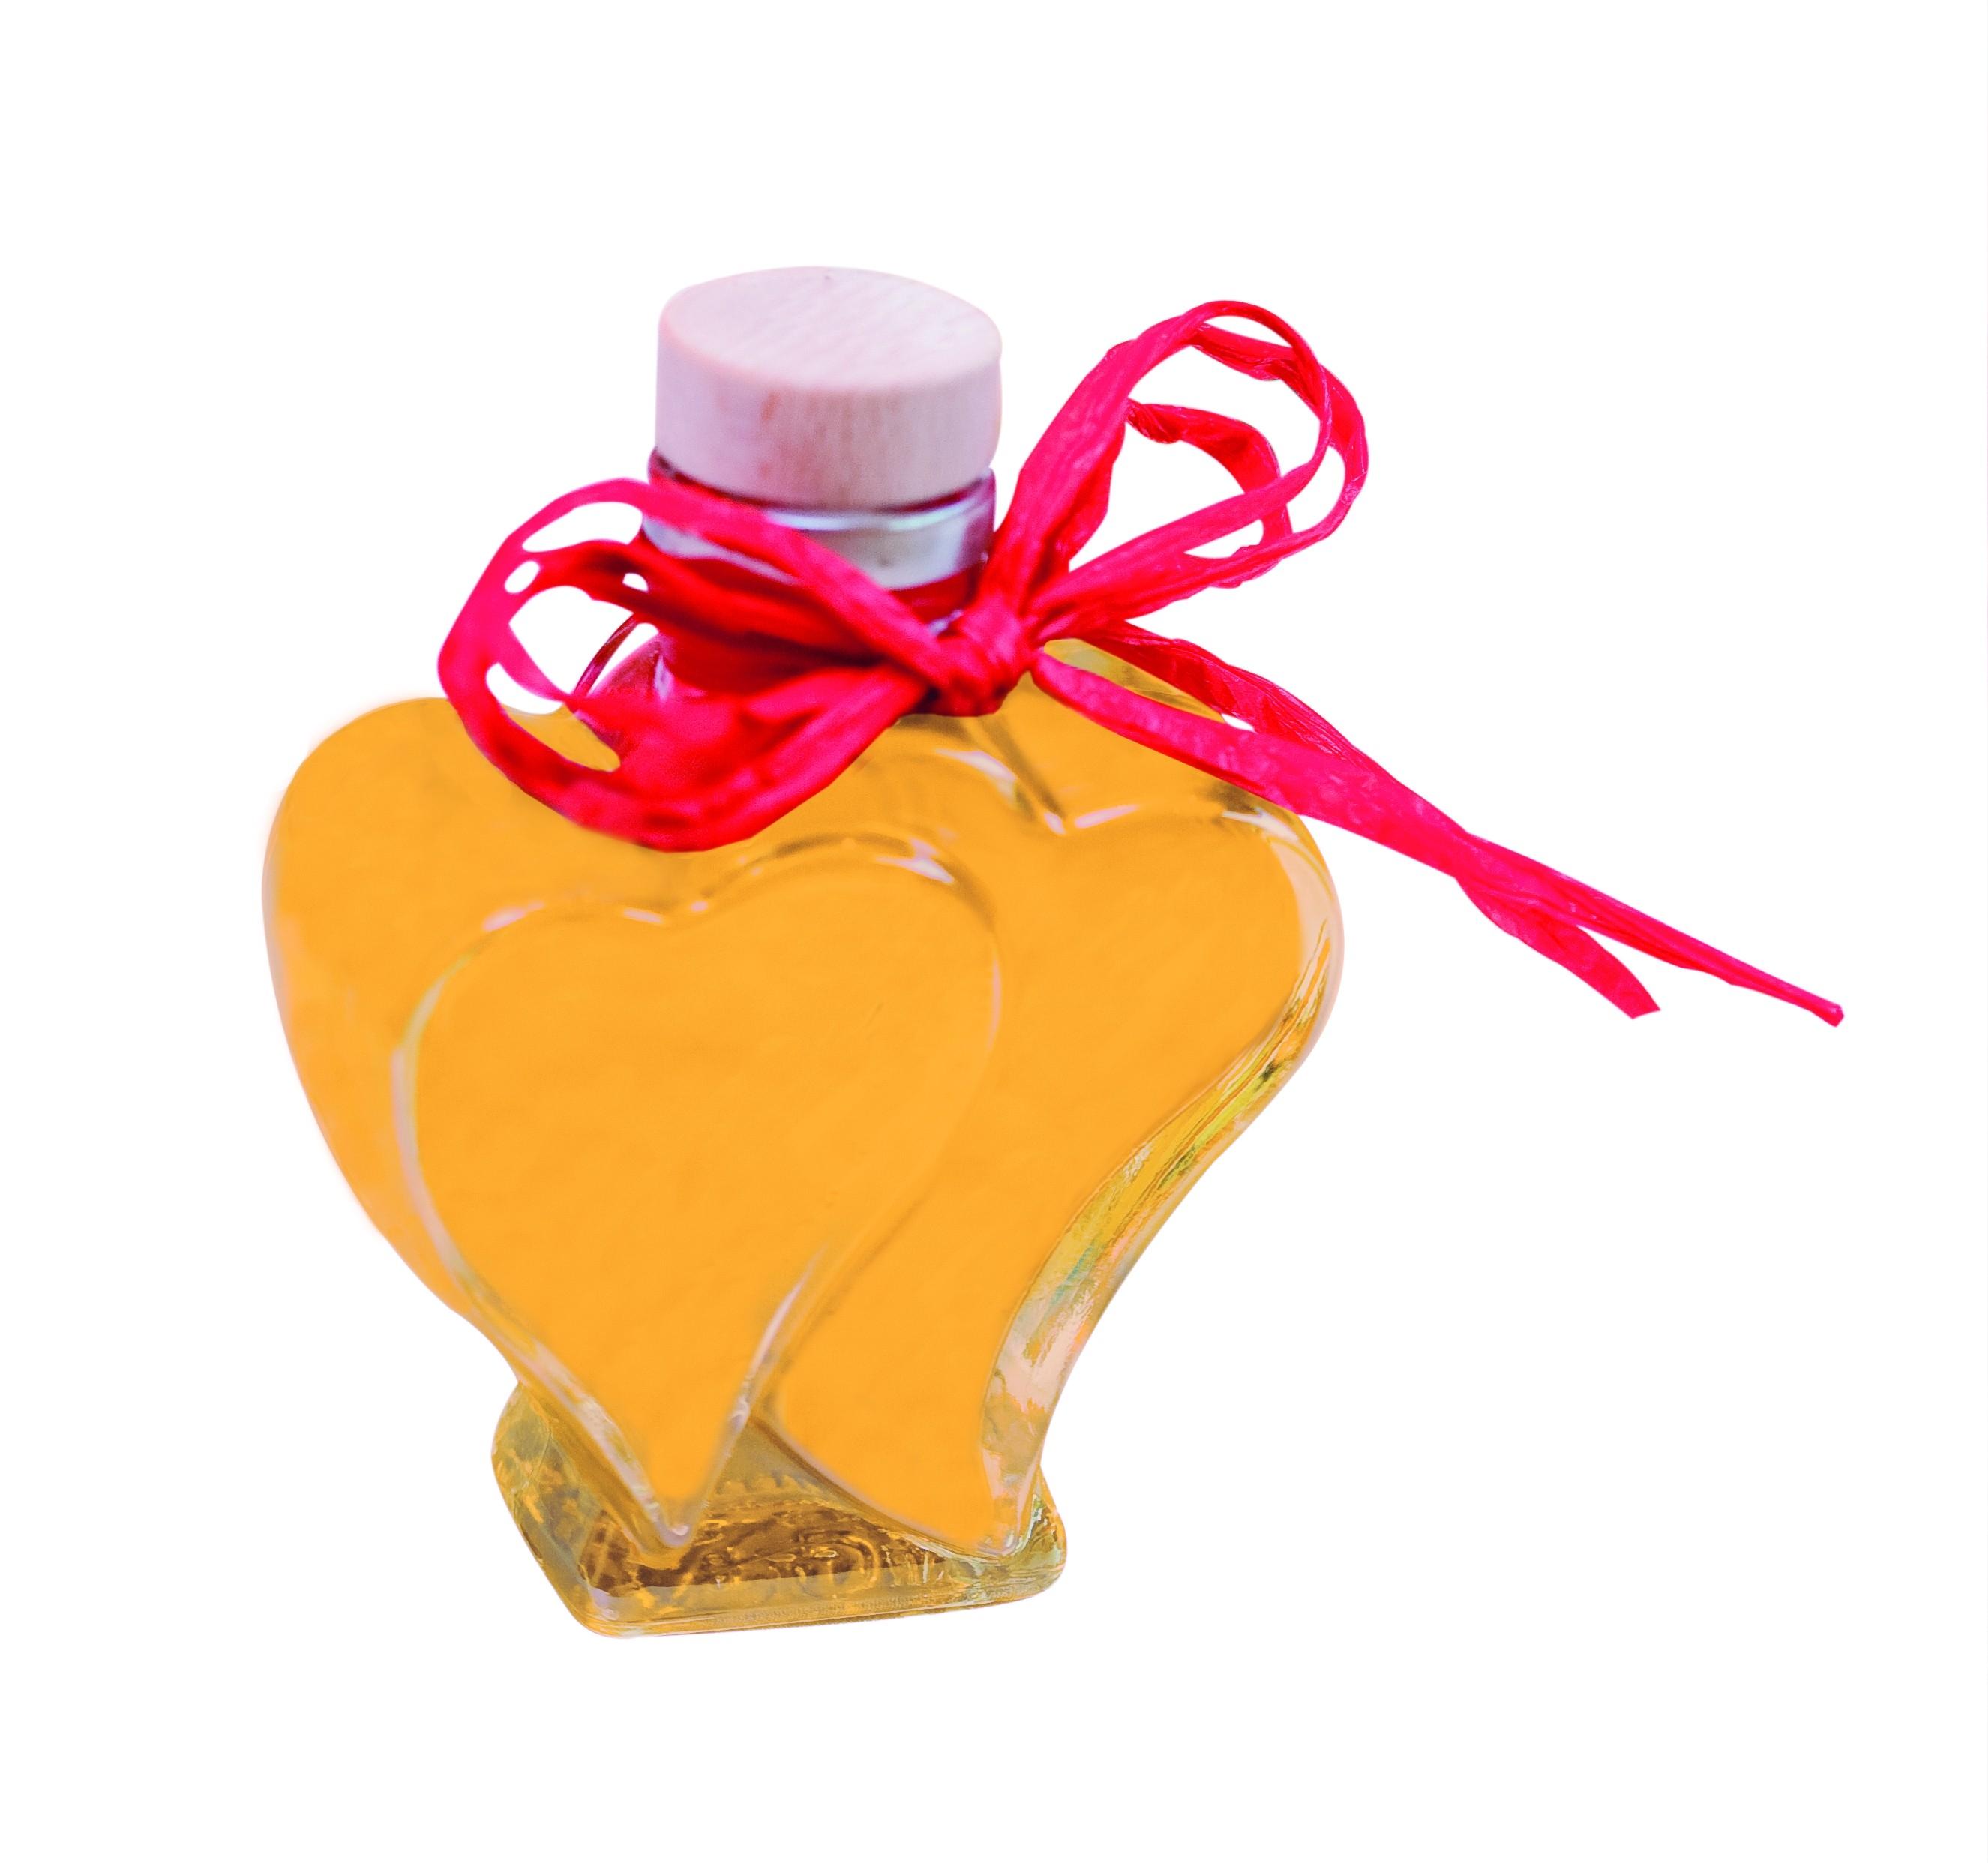 Orangen-Eierlikör in Herzflasche